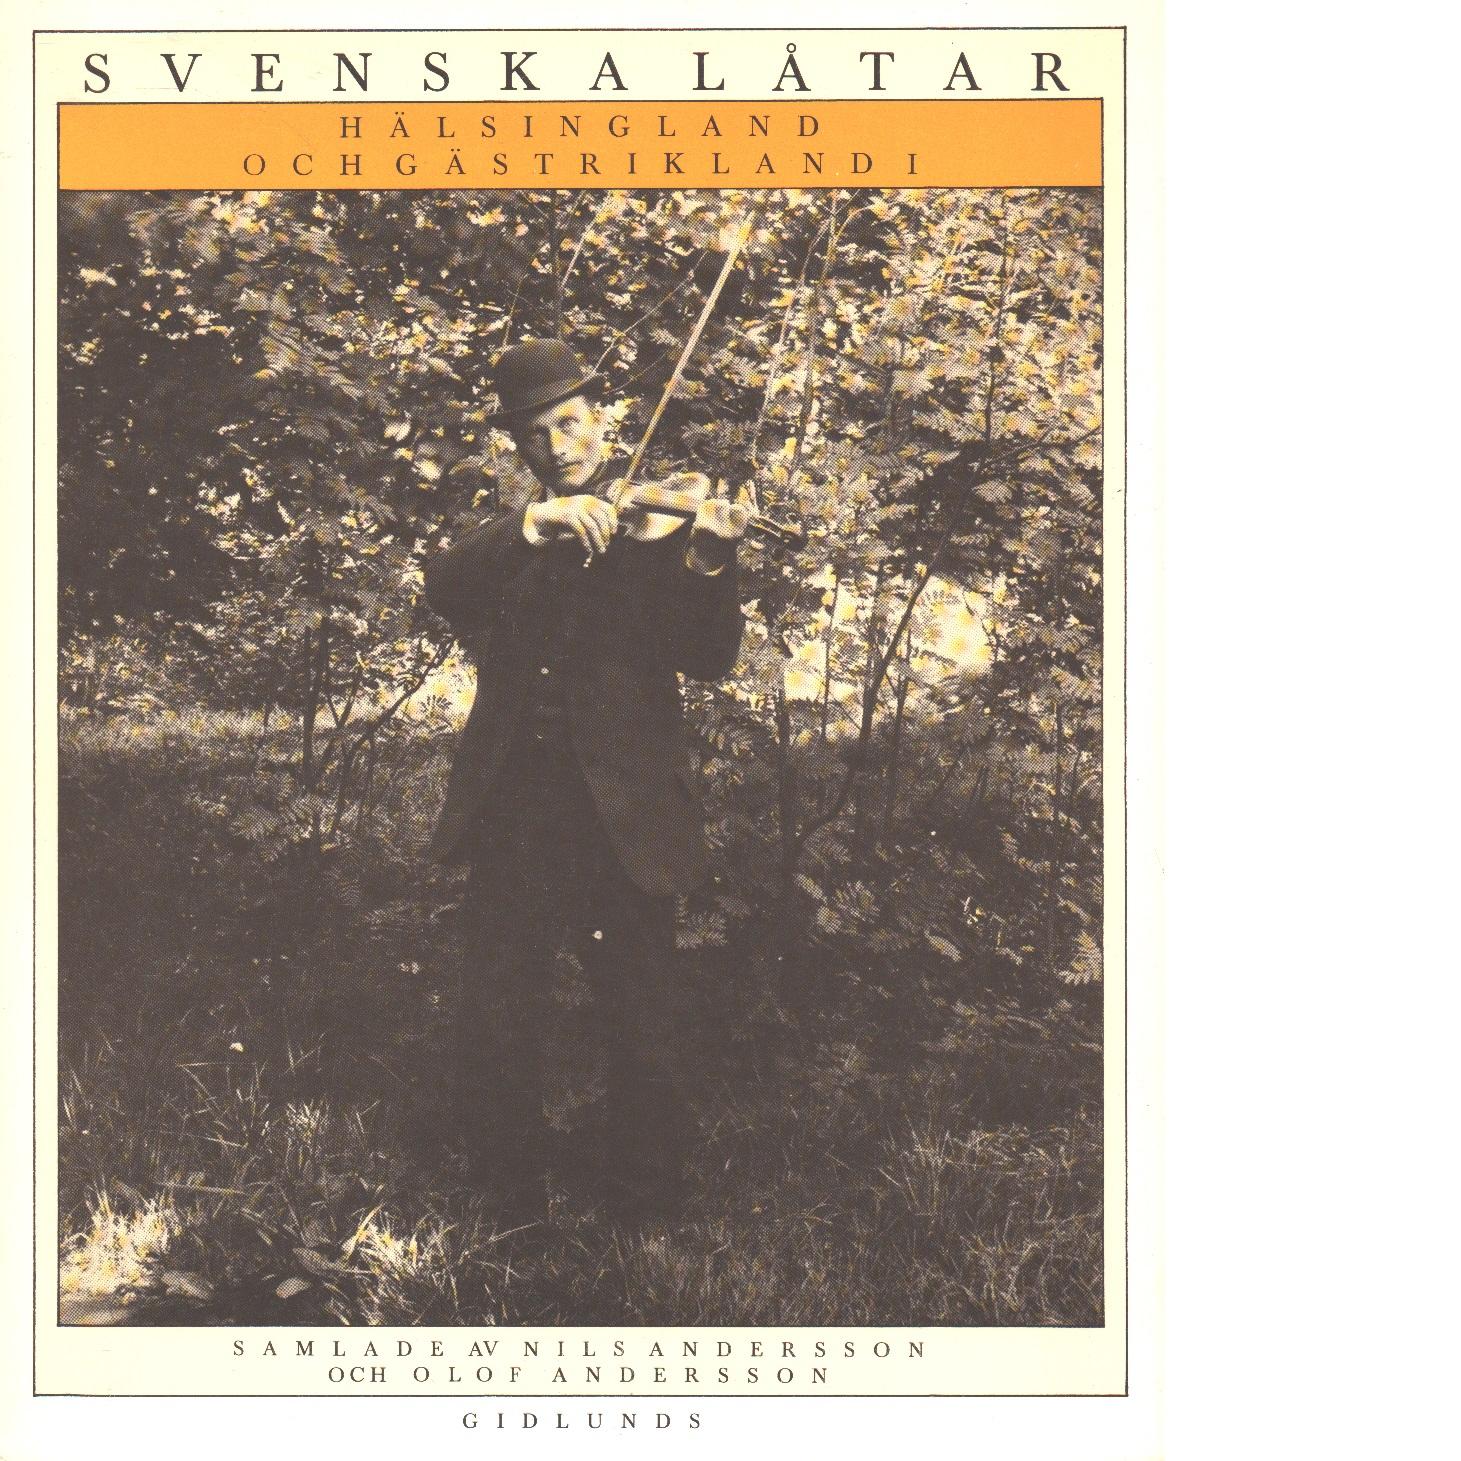 Svenska låtar. 8, Hälsingland och Gästrikland I - Red. Andersson, Nils och  Andersson, Olof,